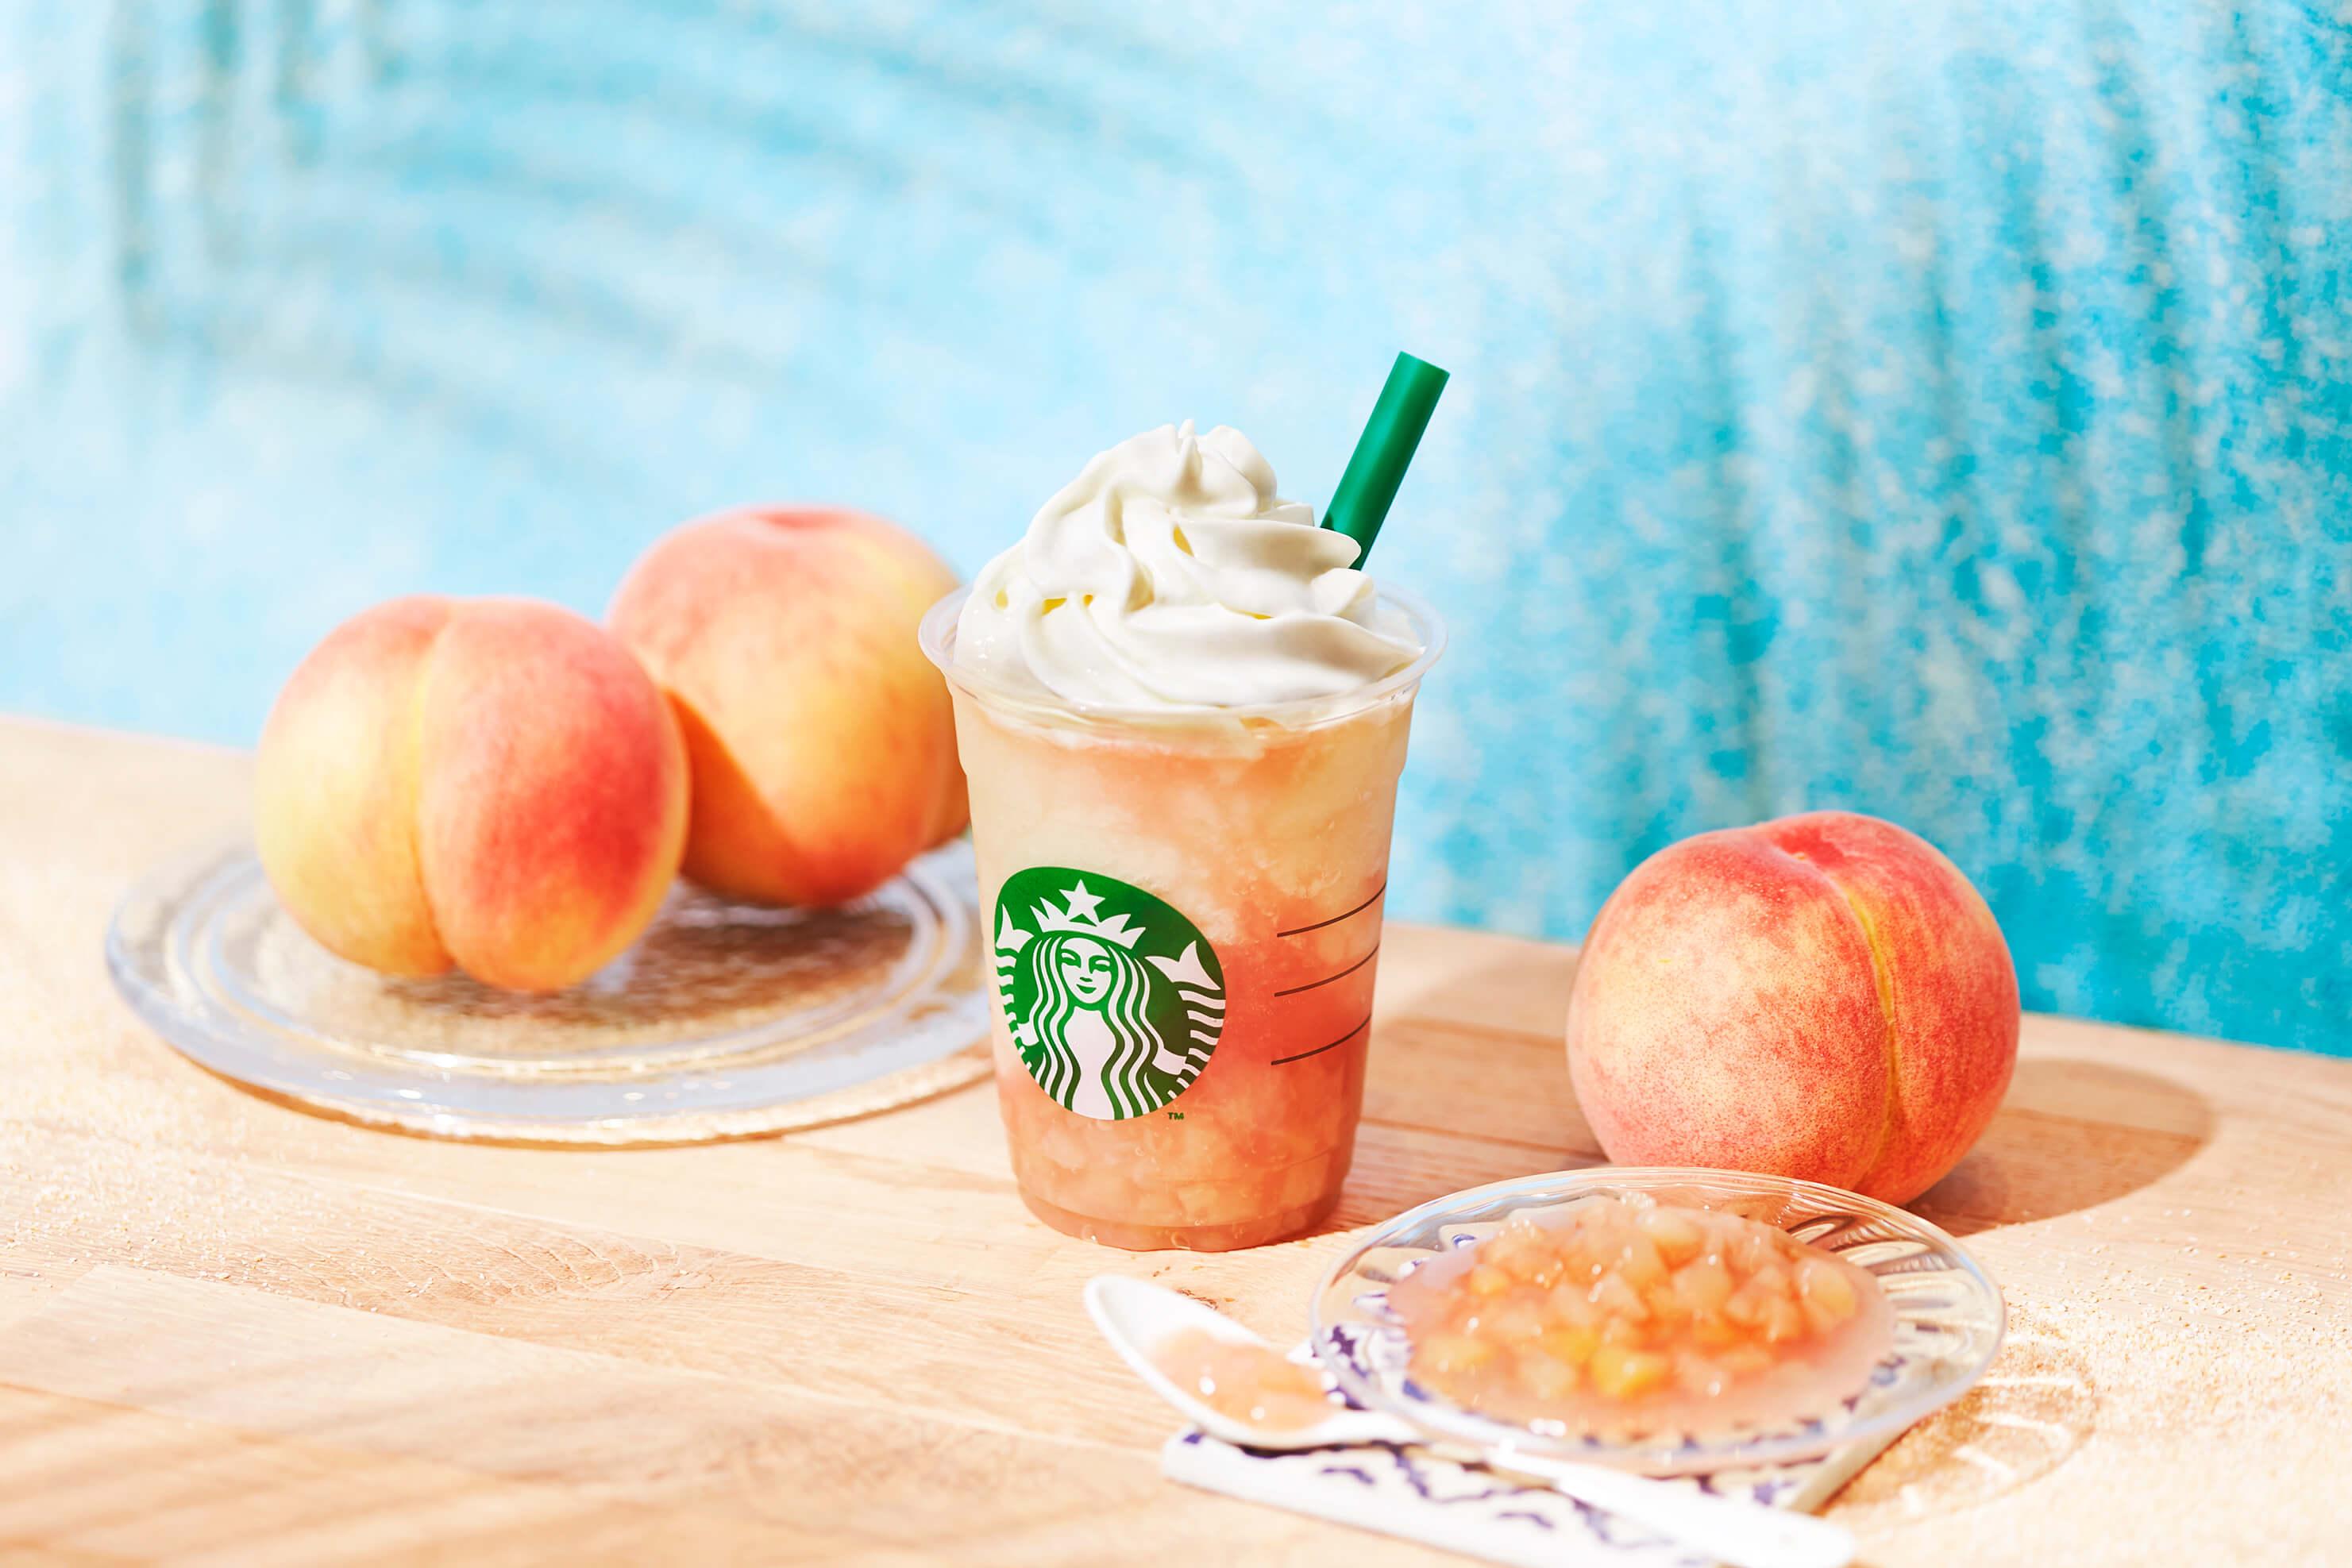 スタバ 新作 フラペチーノ 桃 ピーチ ドリンク Starbucks new peach